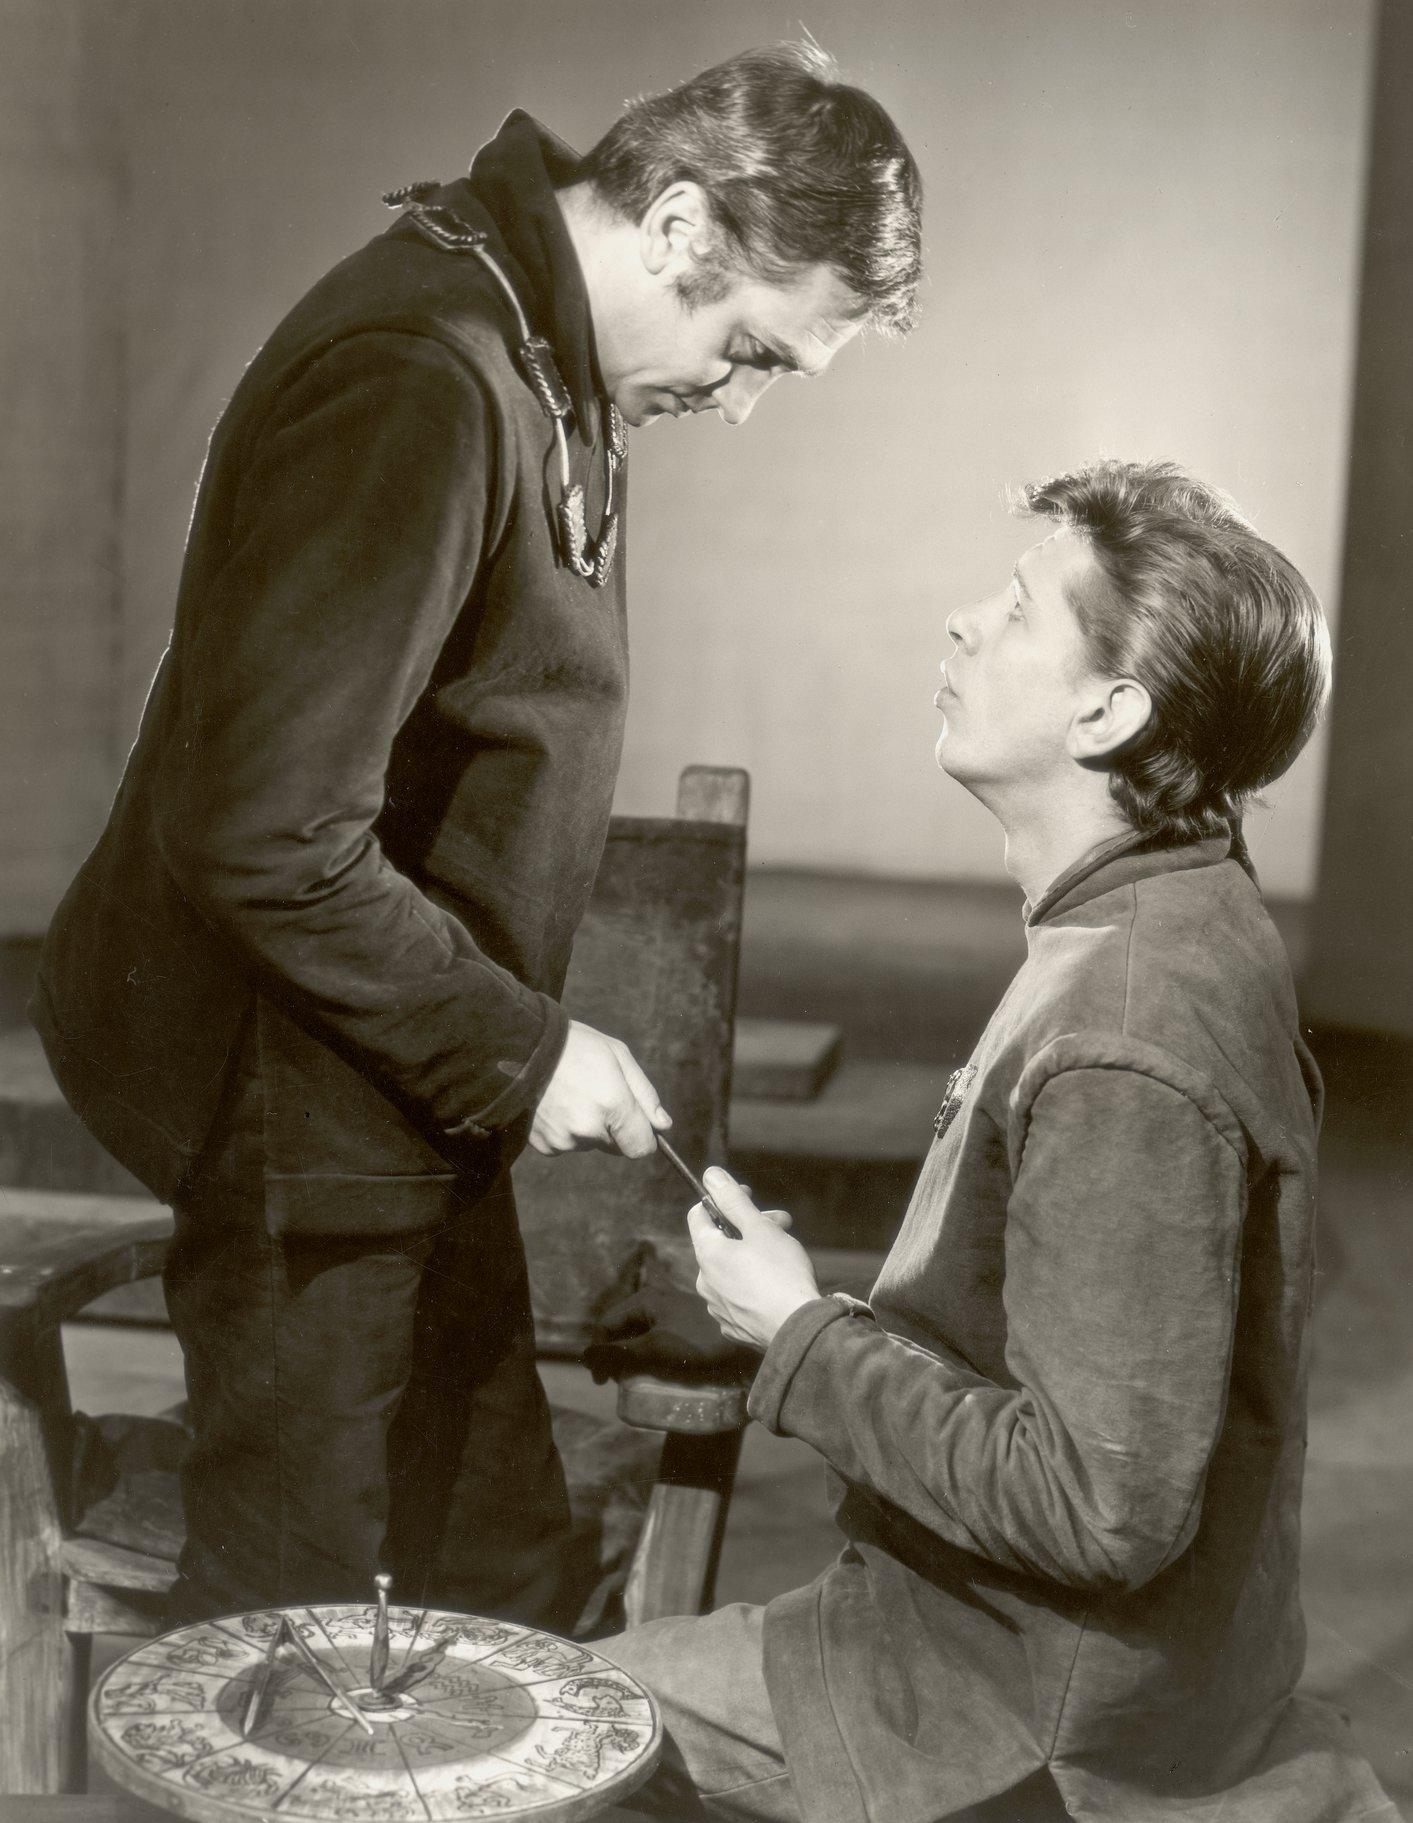 Edmund tells Edgar to flee.